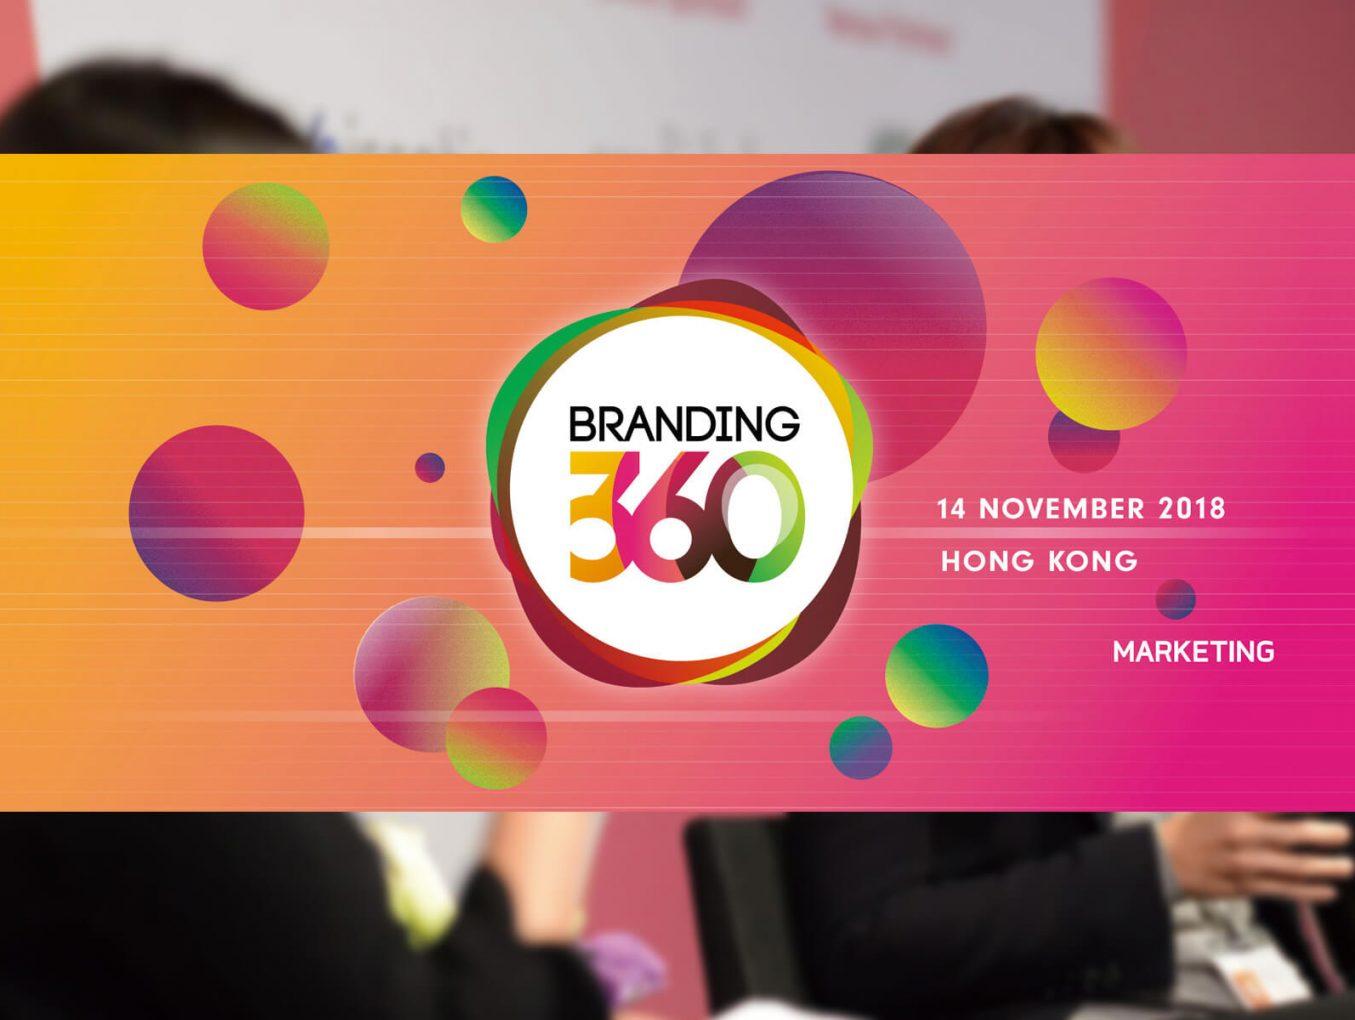 Branding 360 2018<br>14 November 2018